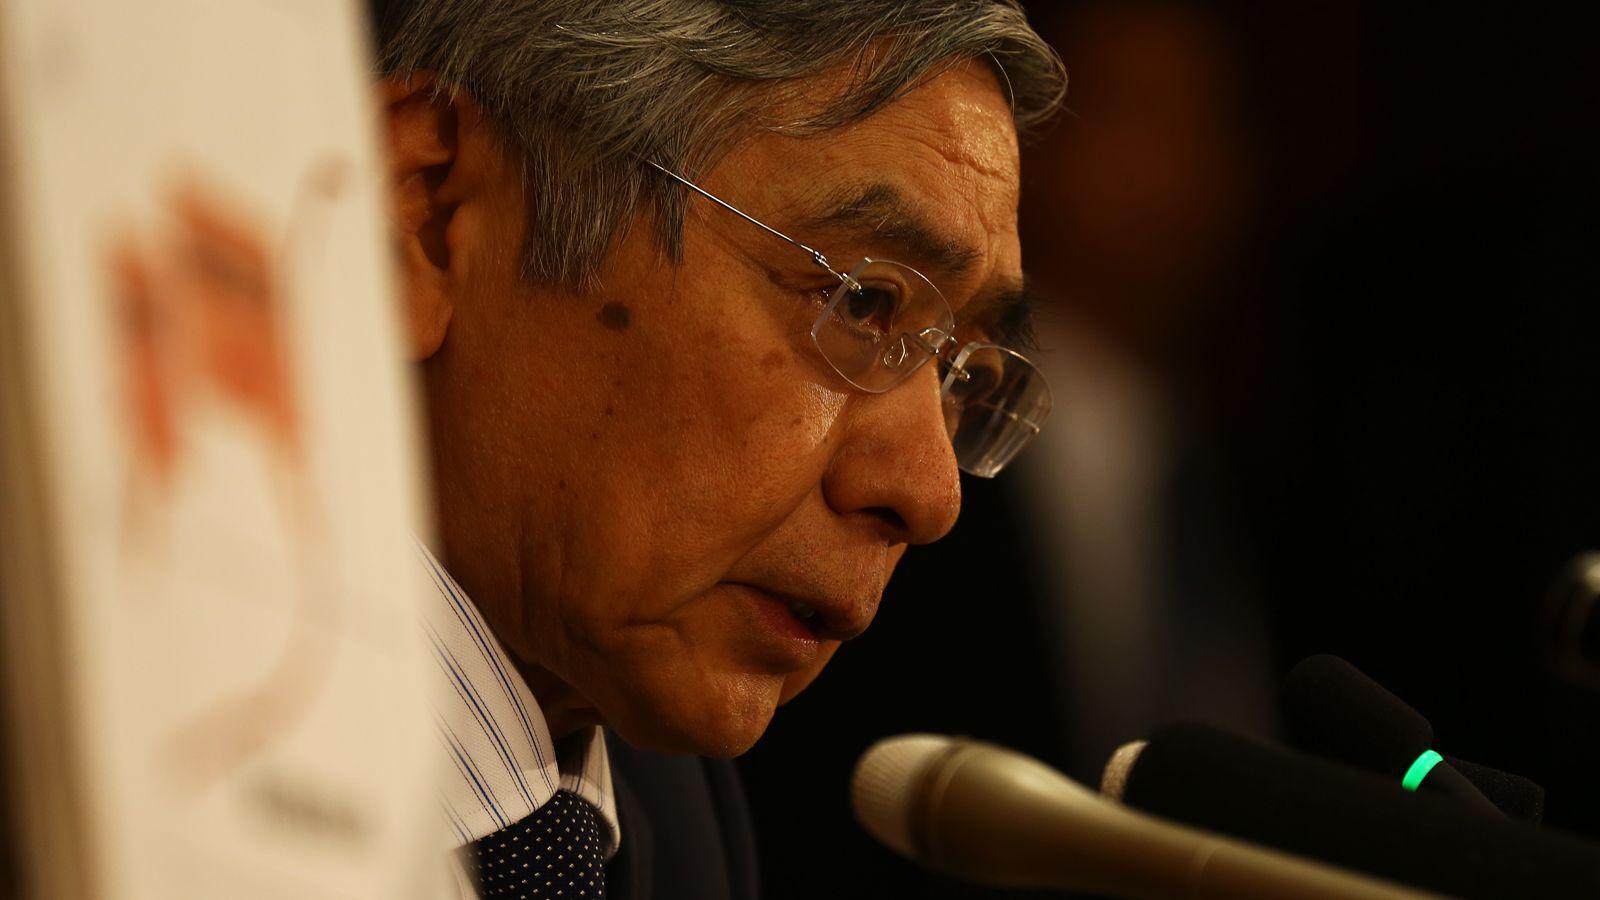 分岐 日銀 点 損益 日本銀行「日経平均株価が19,500円まで下落すると損益分岐点を下回る」